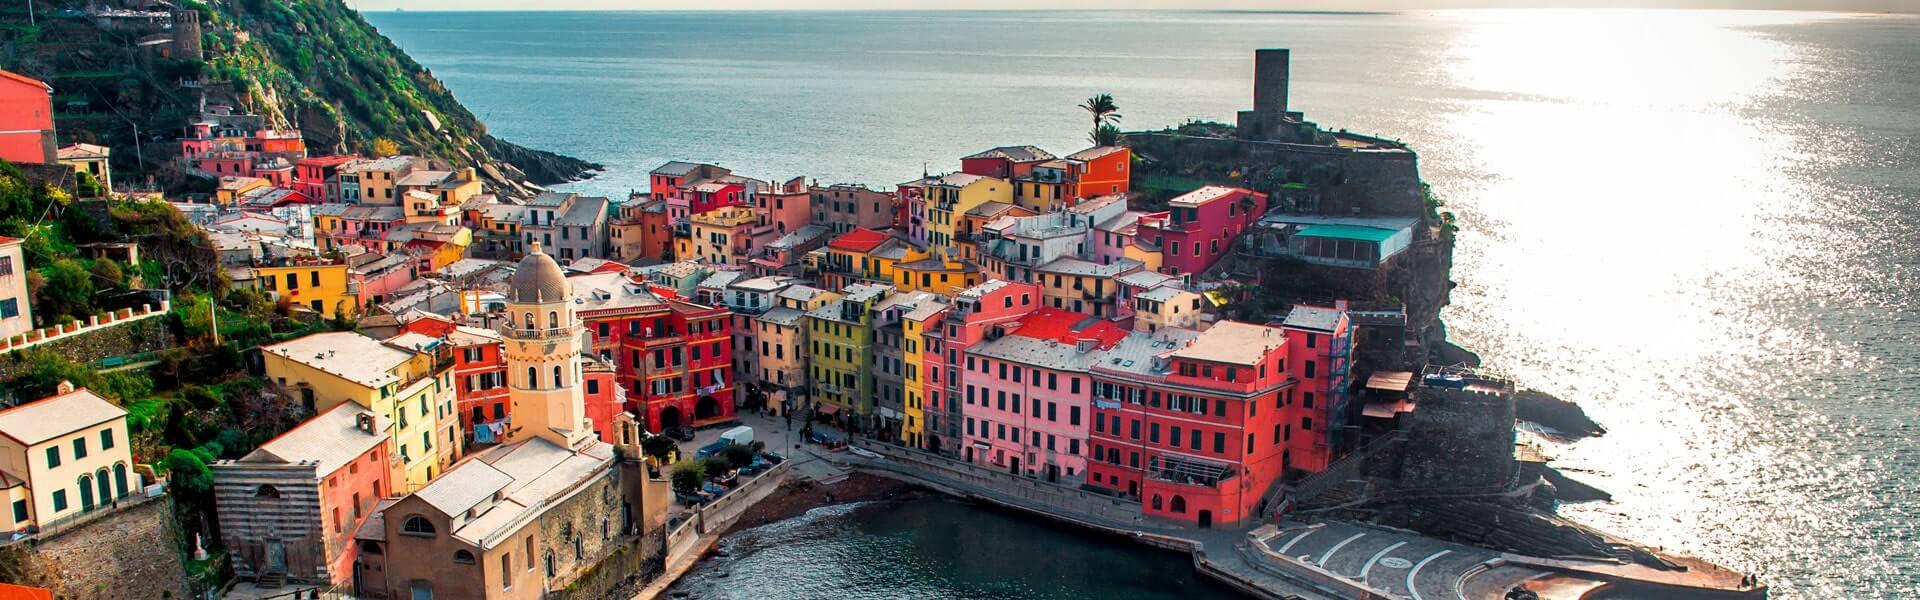 Incentive Reise mit b-ceed für Firmen: Segeln durch das Mittelmeer und die Adria ab Split